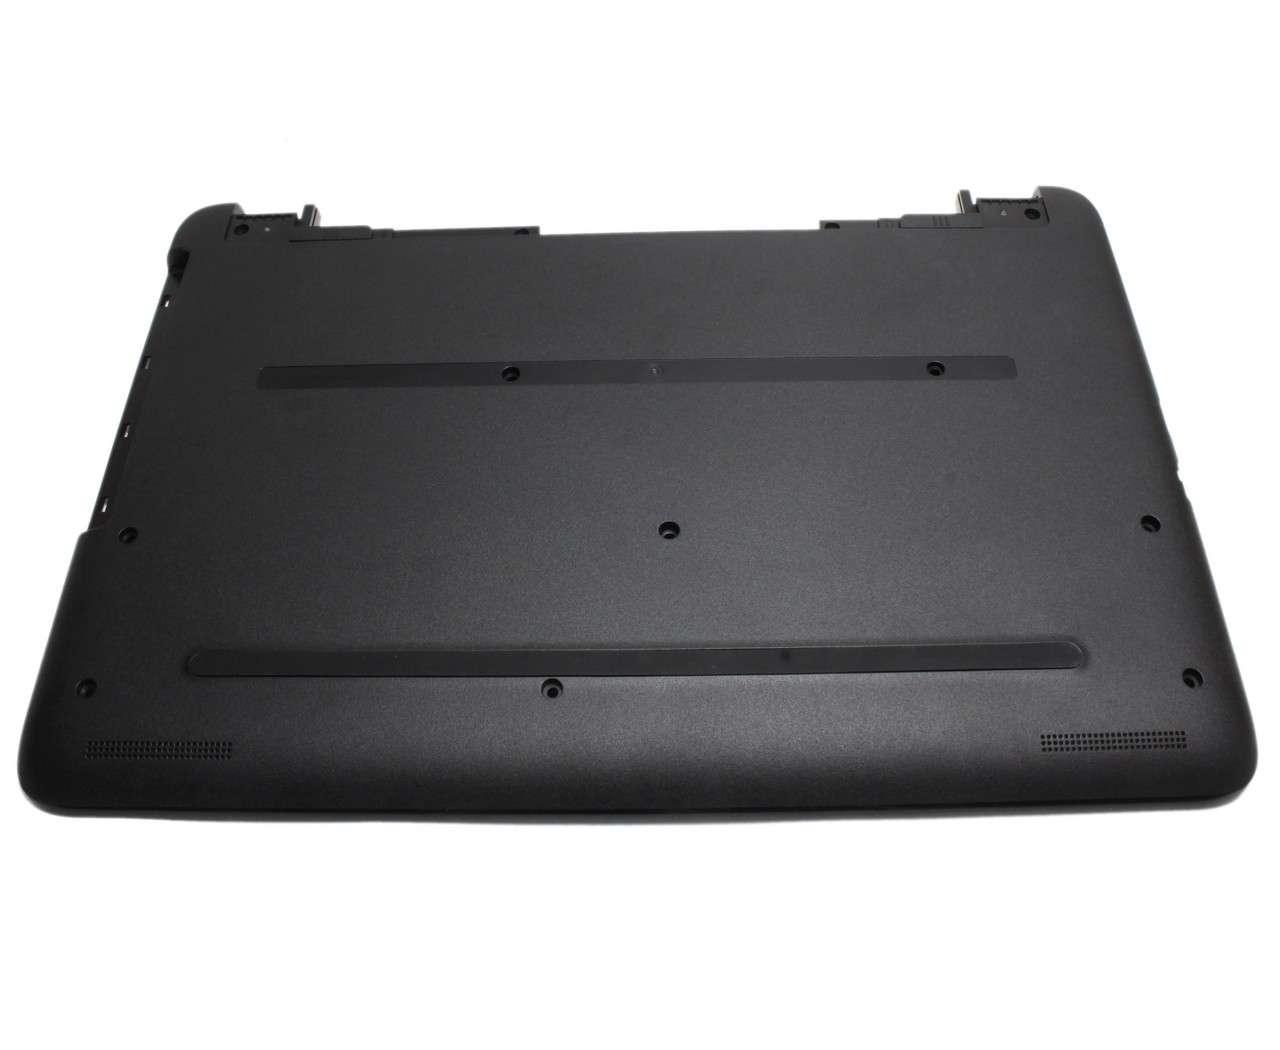 Bottom Case HP AP11EM000500 Carcasa Inferioara Neagra imagine powerlaptop.ro 2021